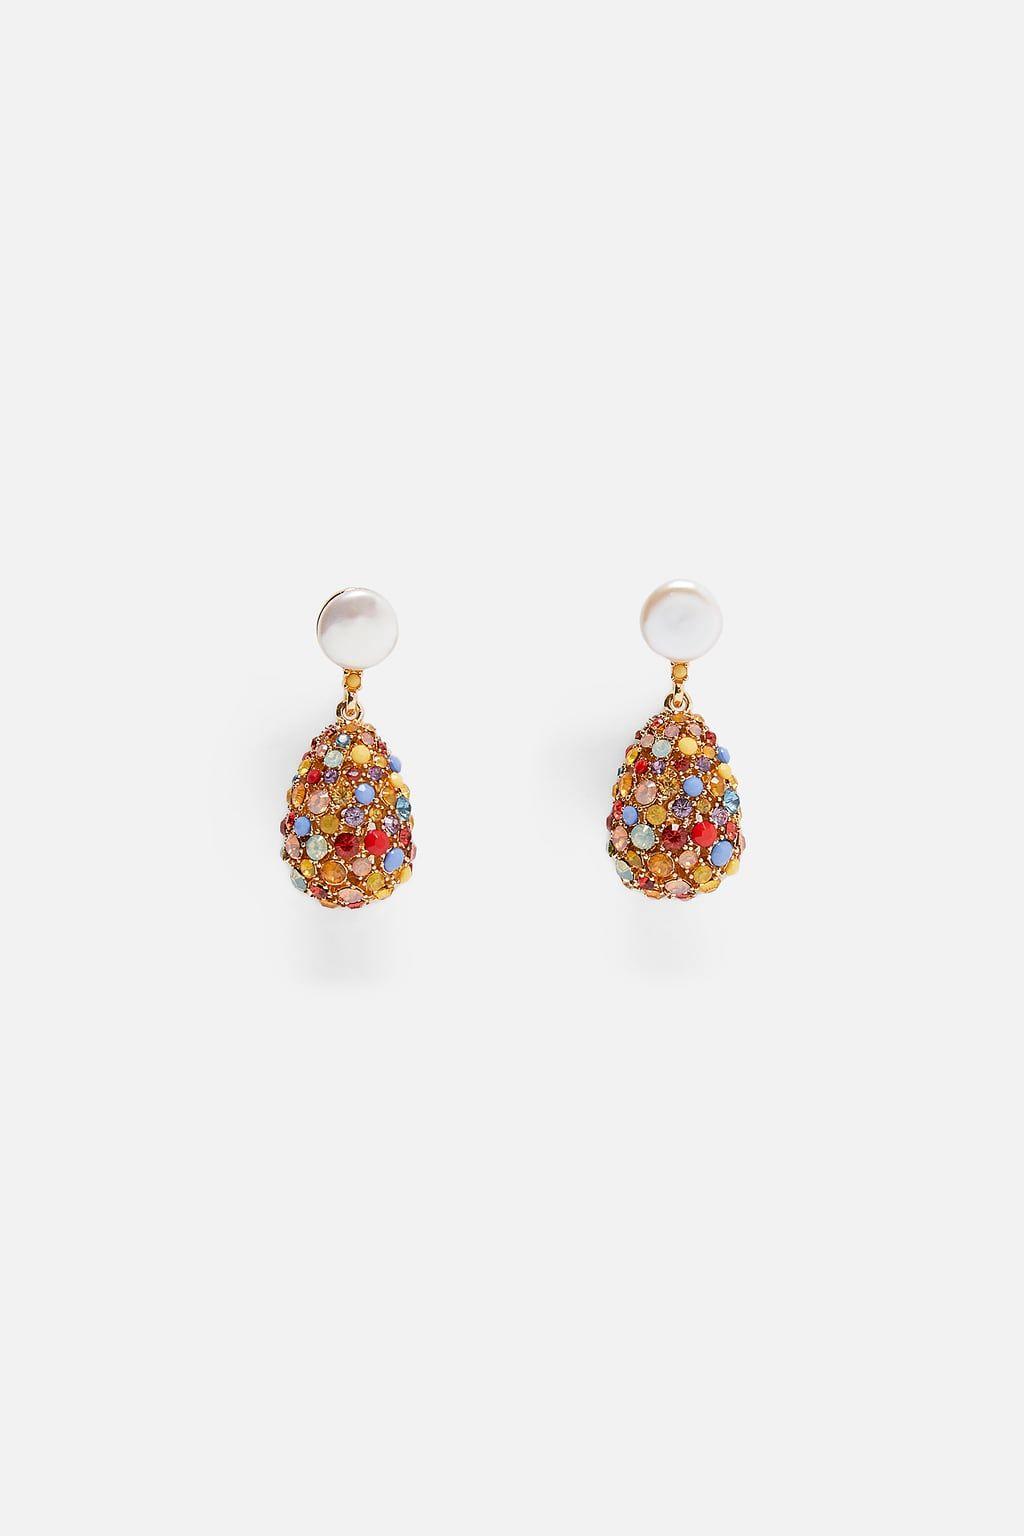 PENDIENTES LAGRIMA JOYA | Ohrringe, Juwelen